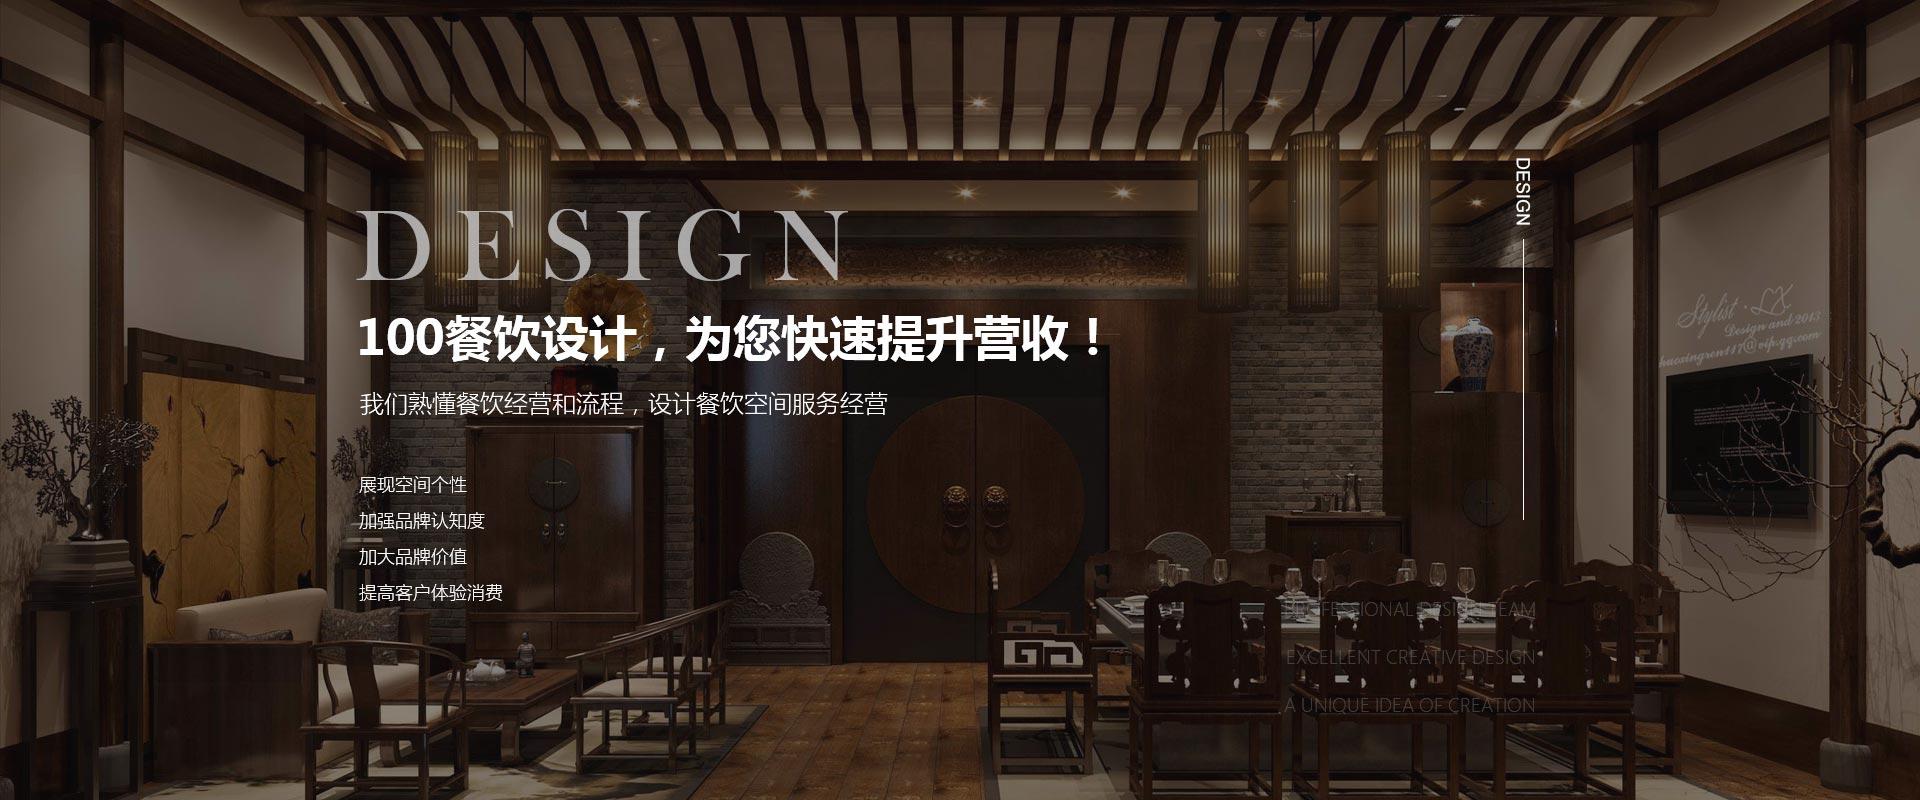 郑州火锅店设计